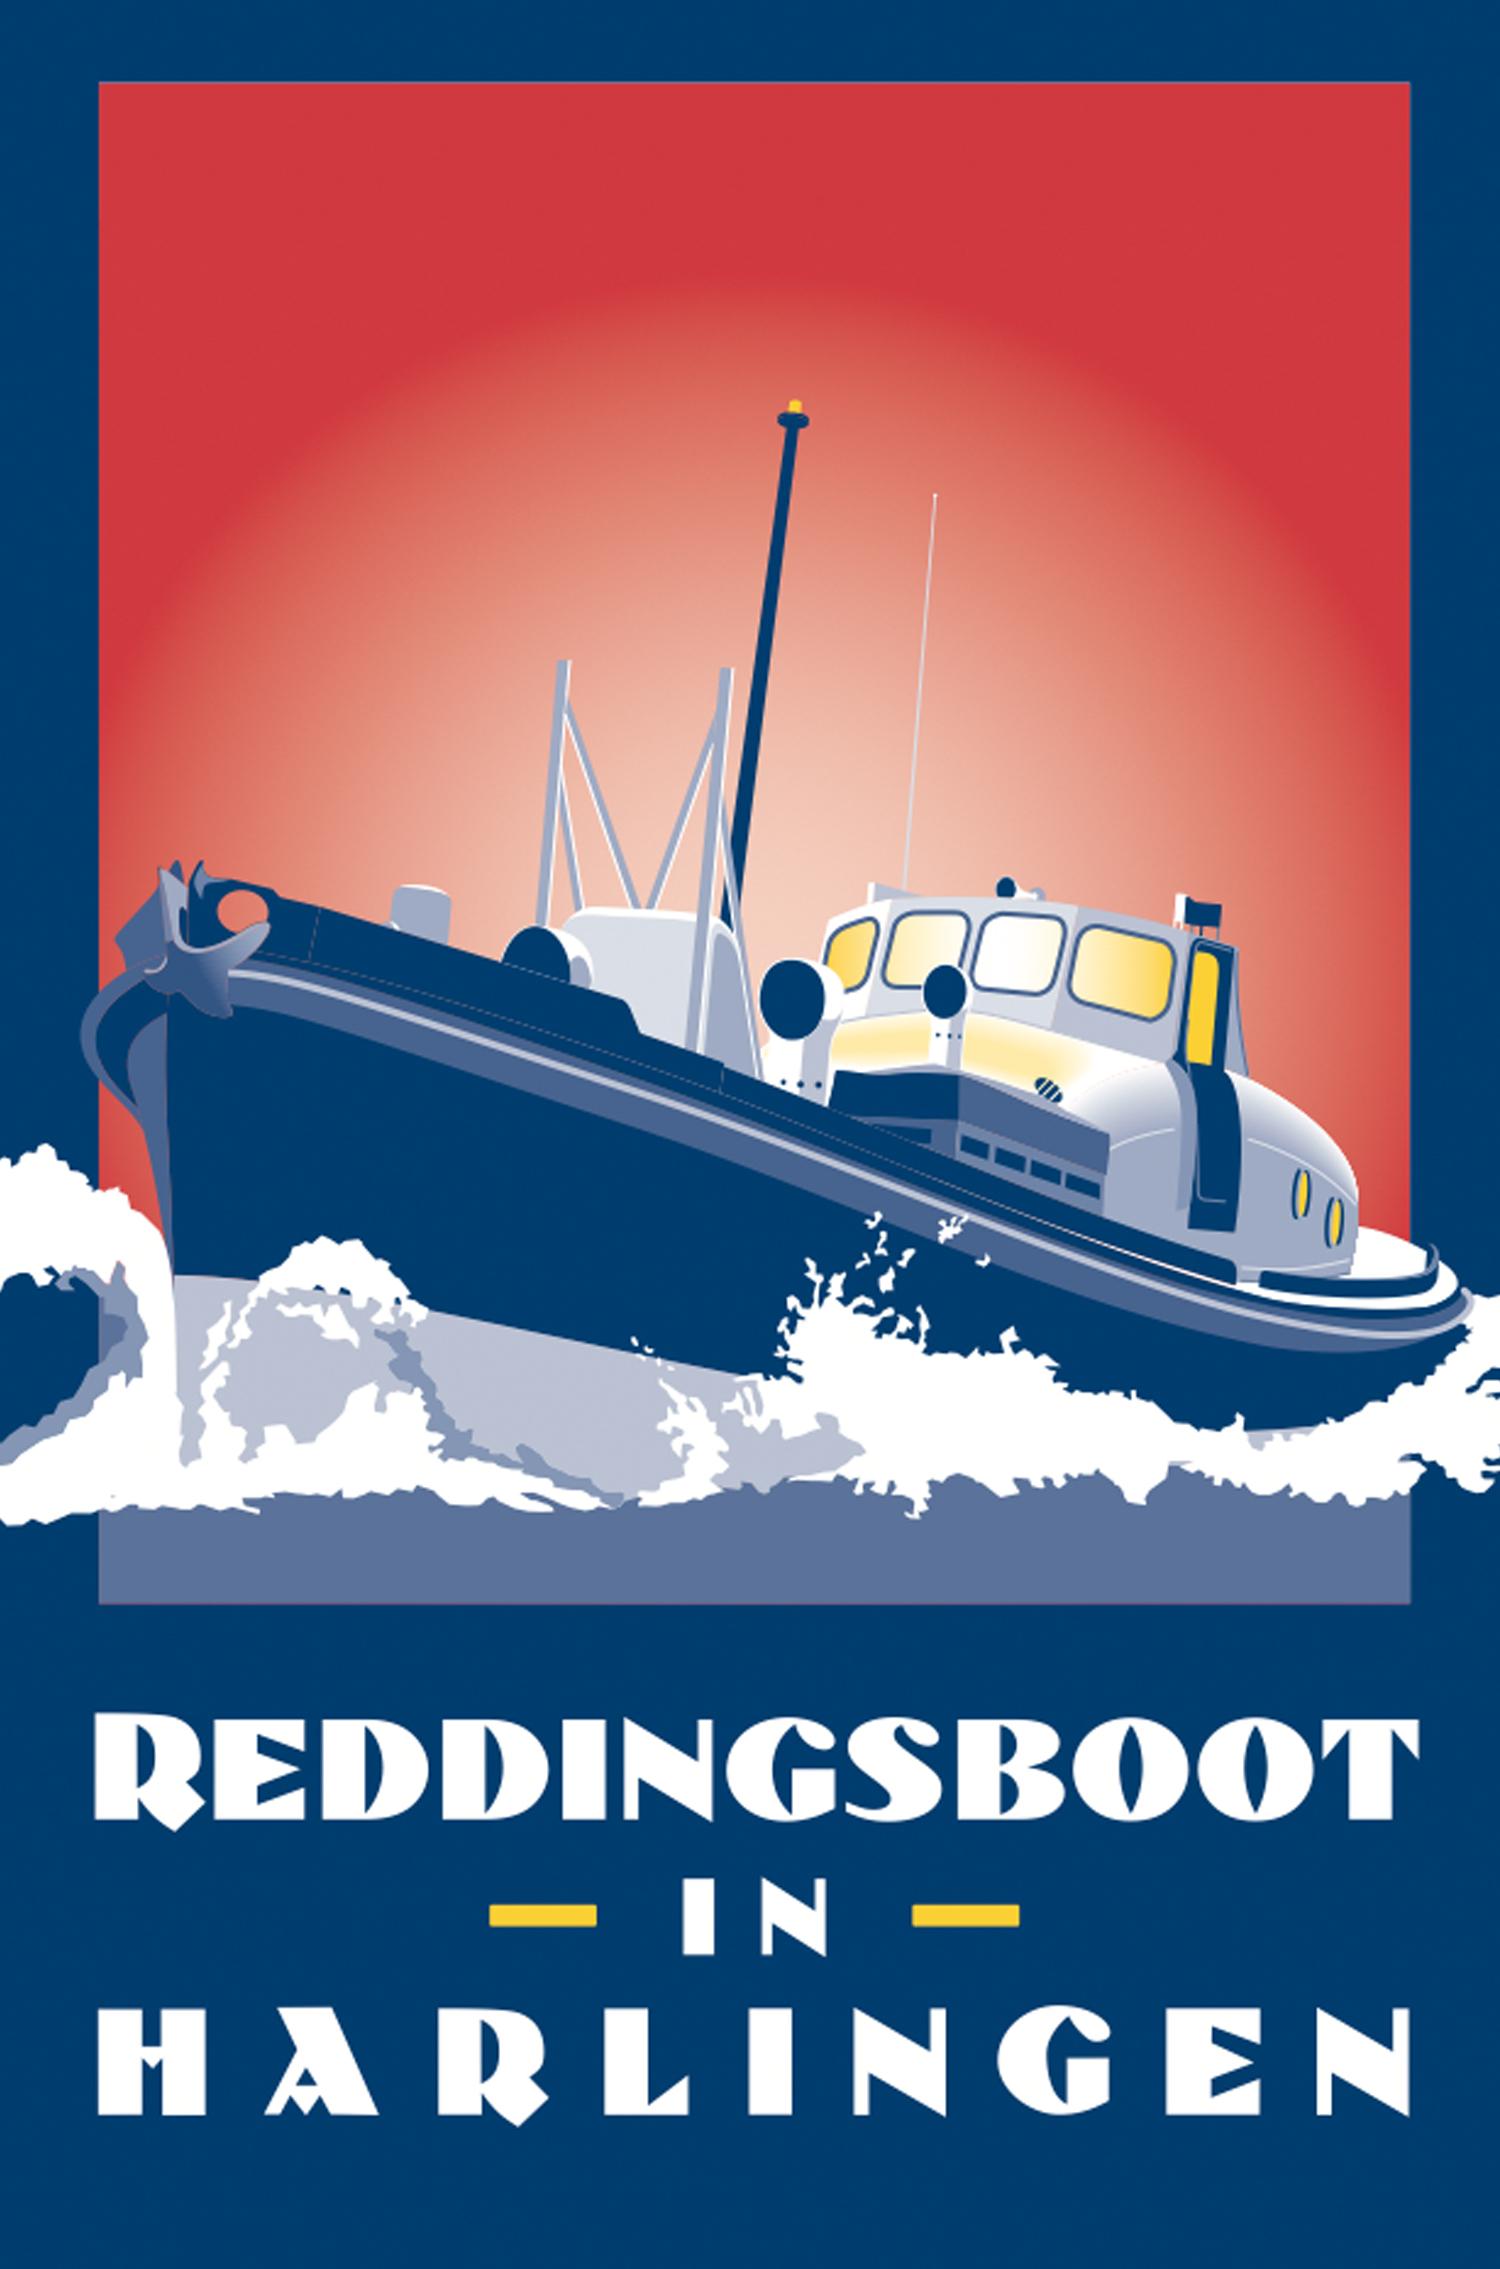 Logo-Reddingsboot-Harlingen